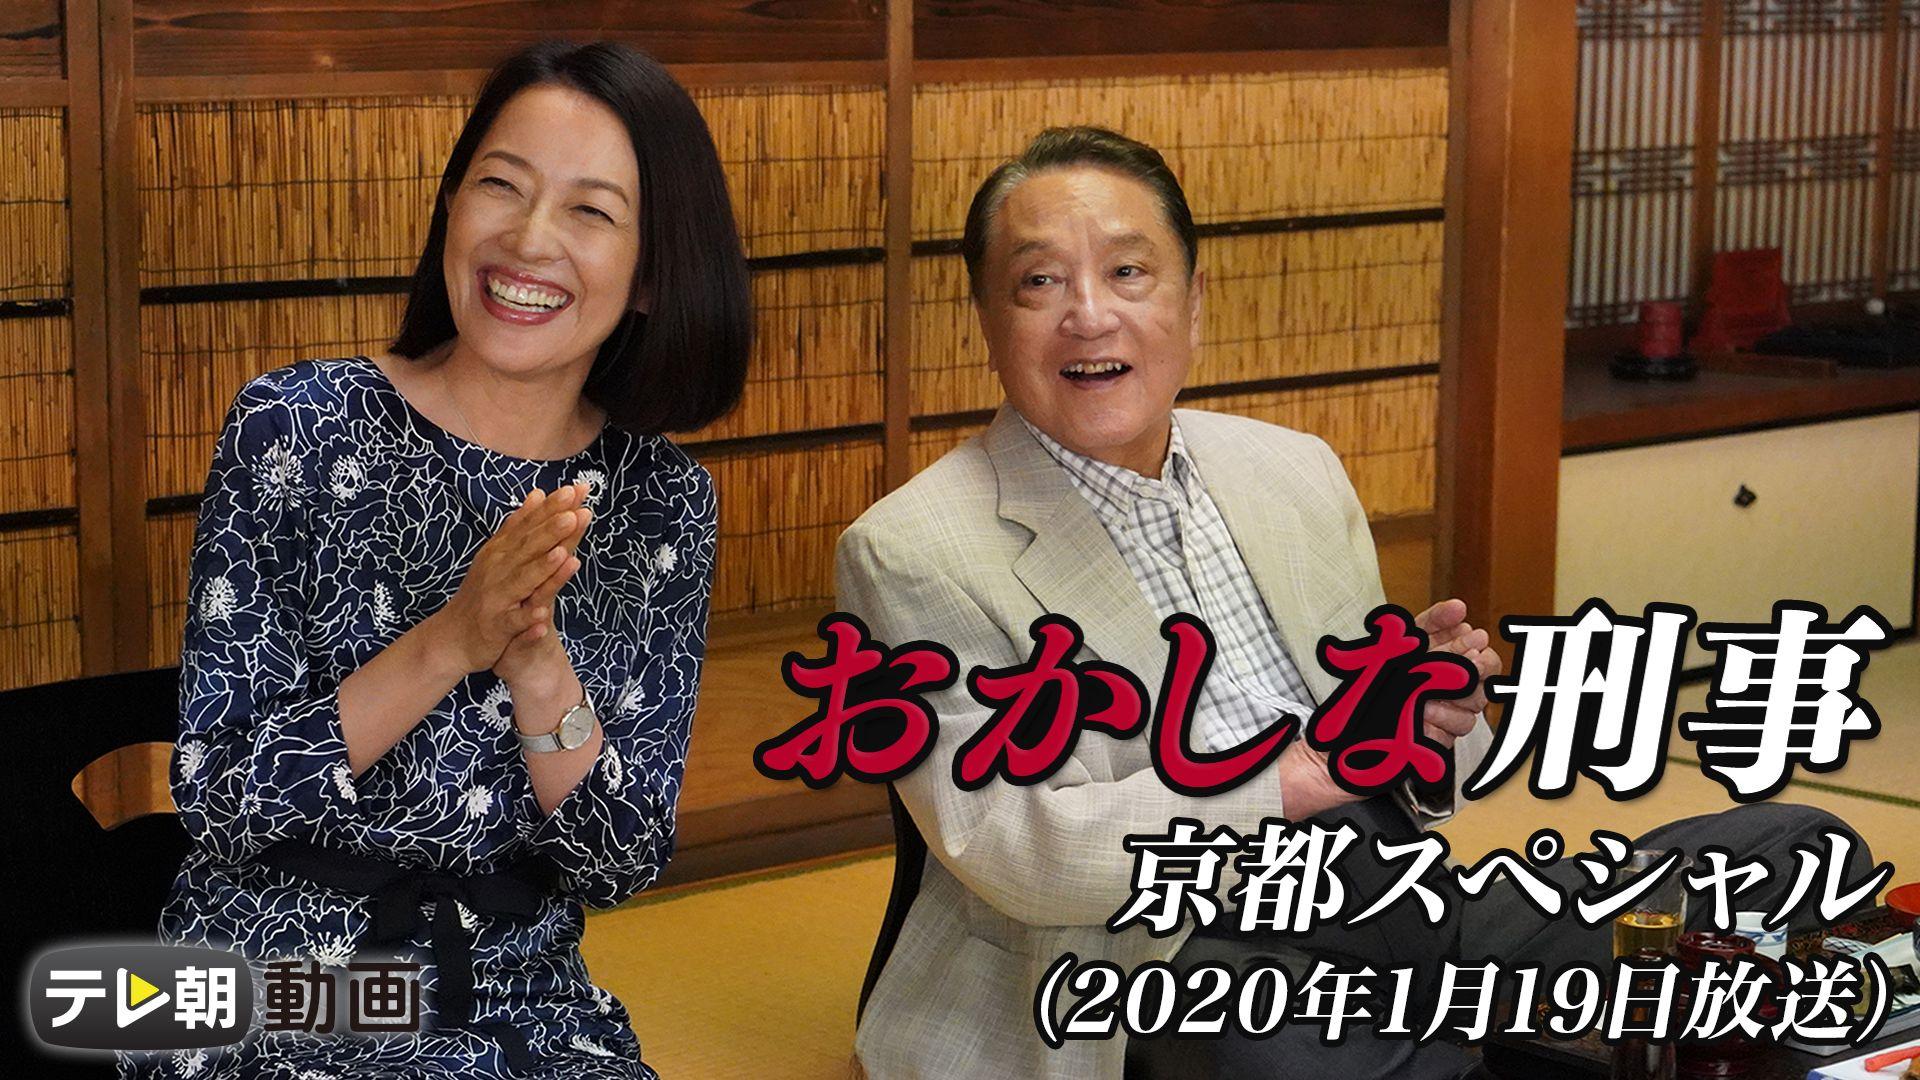 おかしな刑事 京都スペシャル(2020/1/19日放送)